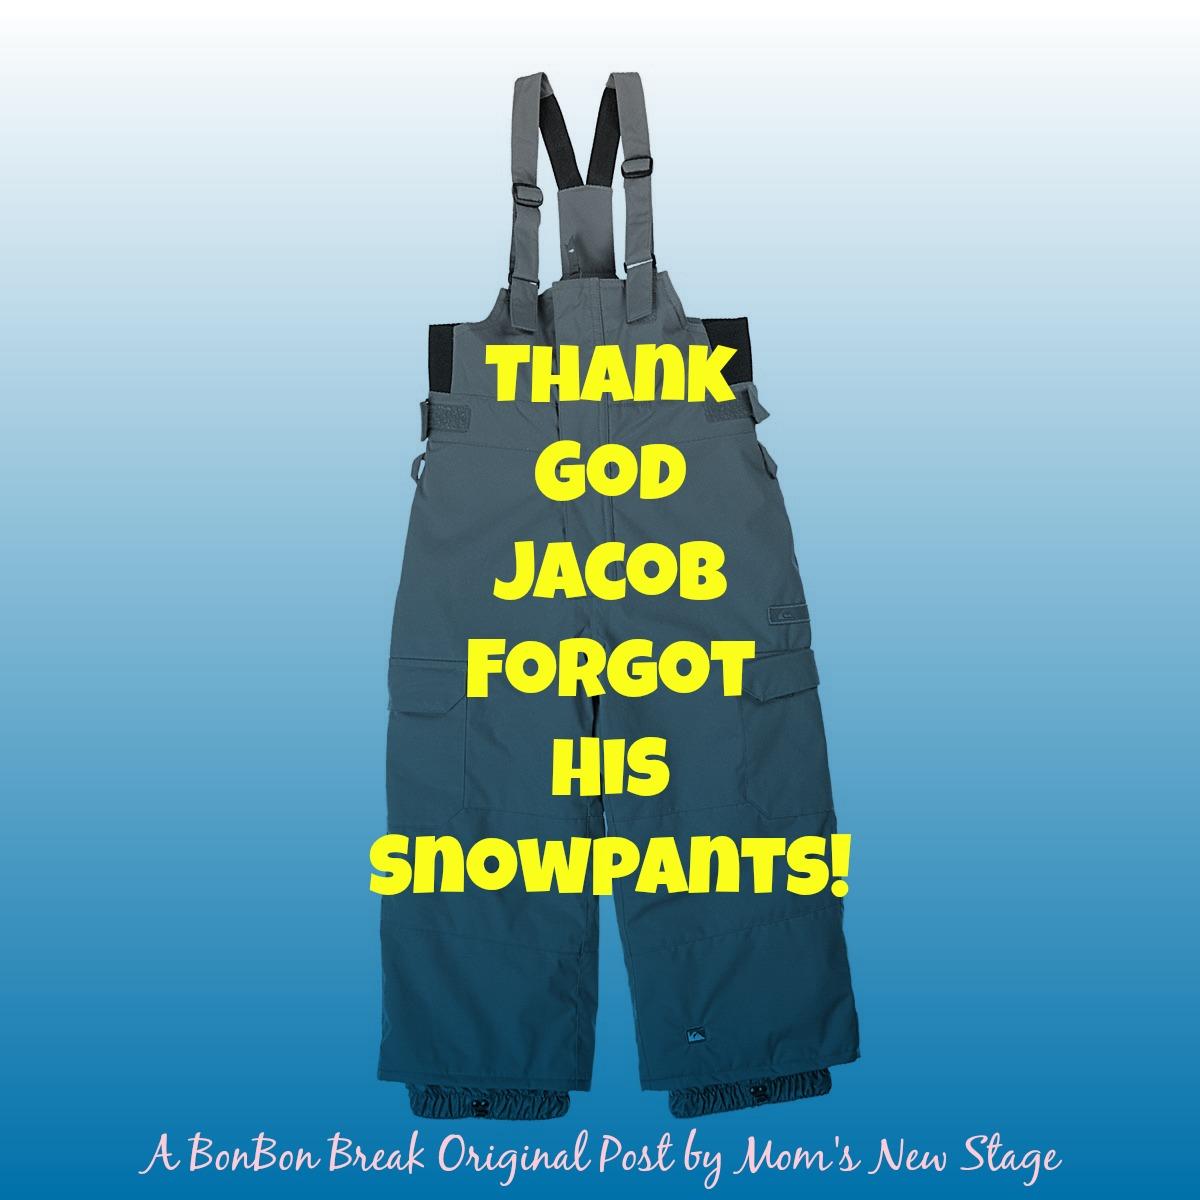 Thank God Jacob Forgot his snow pants by Keesha Beckford